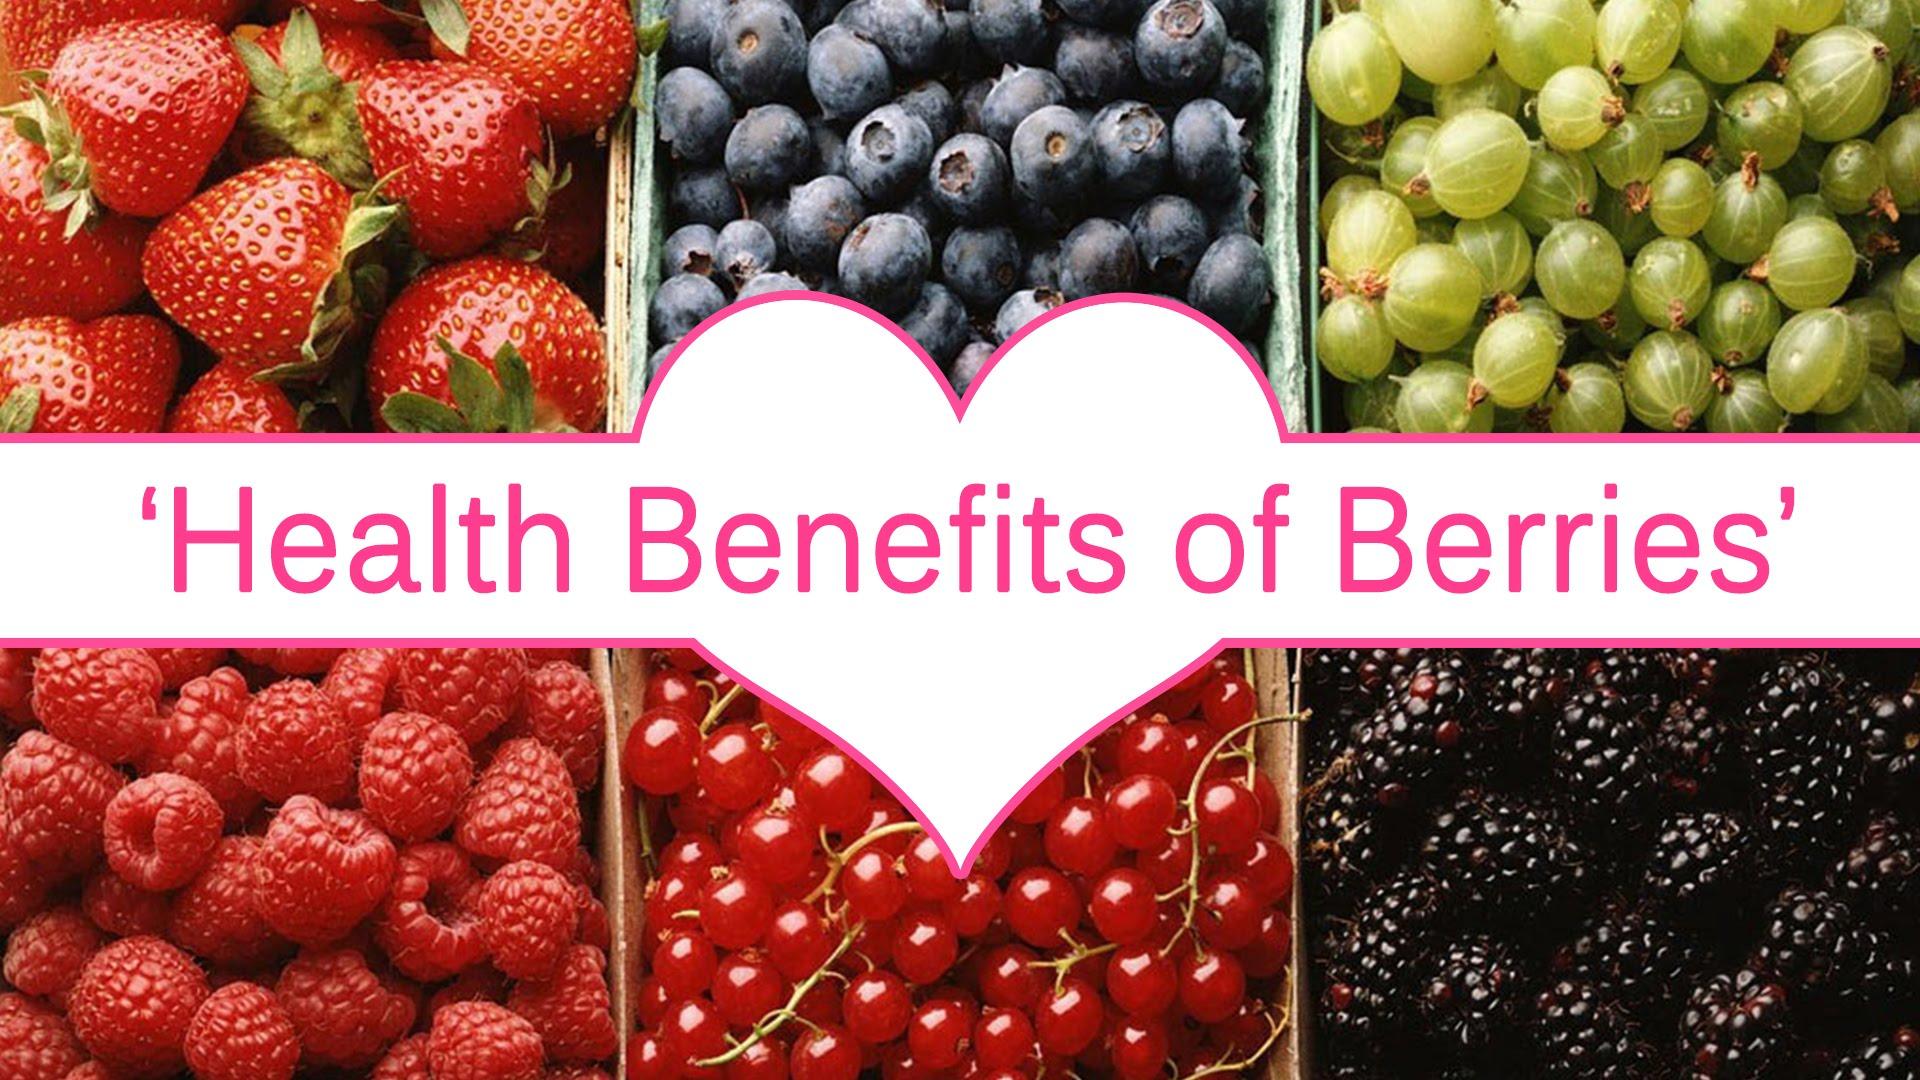 Health Benefits Of Berries - Berries The Wonder Food - YouTube